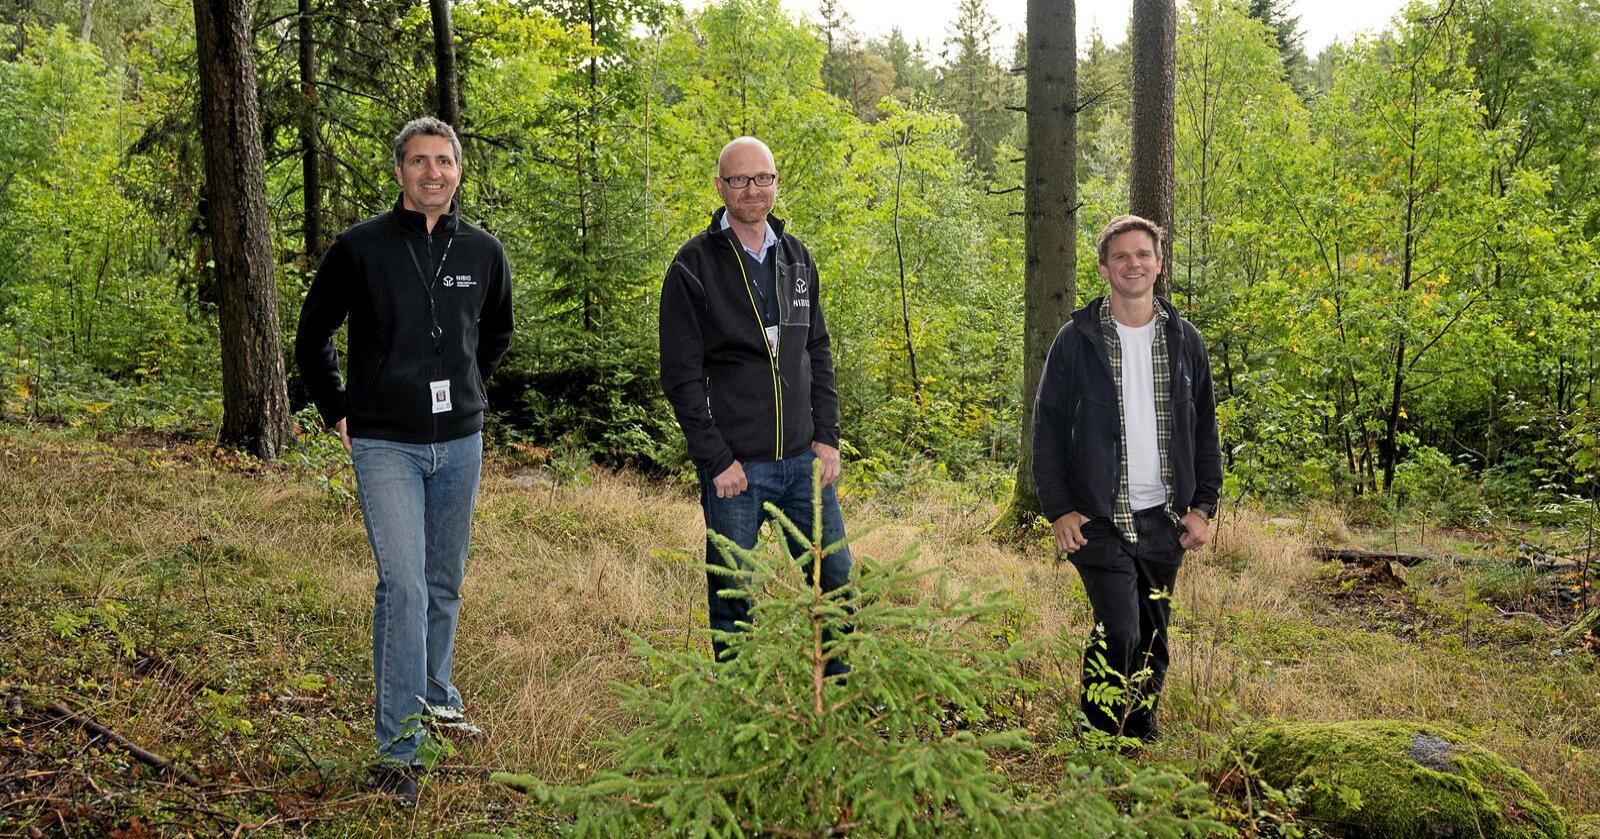 Har utviklet: Seniorforsker Johannes Breidenbach og forskerne Marius Hauglin og Johannes Rahlf har deltatt i utviklingen av den nye digitale kartløsningen som du finner på Nibios kartløsning Kilden, under Skogportalen. Foto: Erling Fløistad, Nibio.